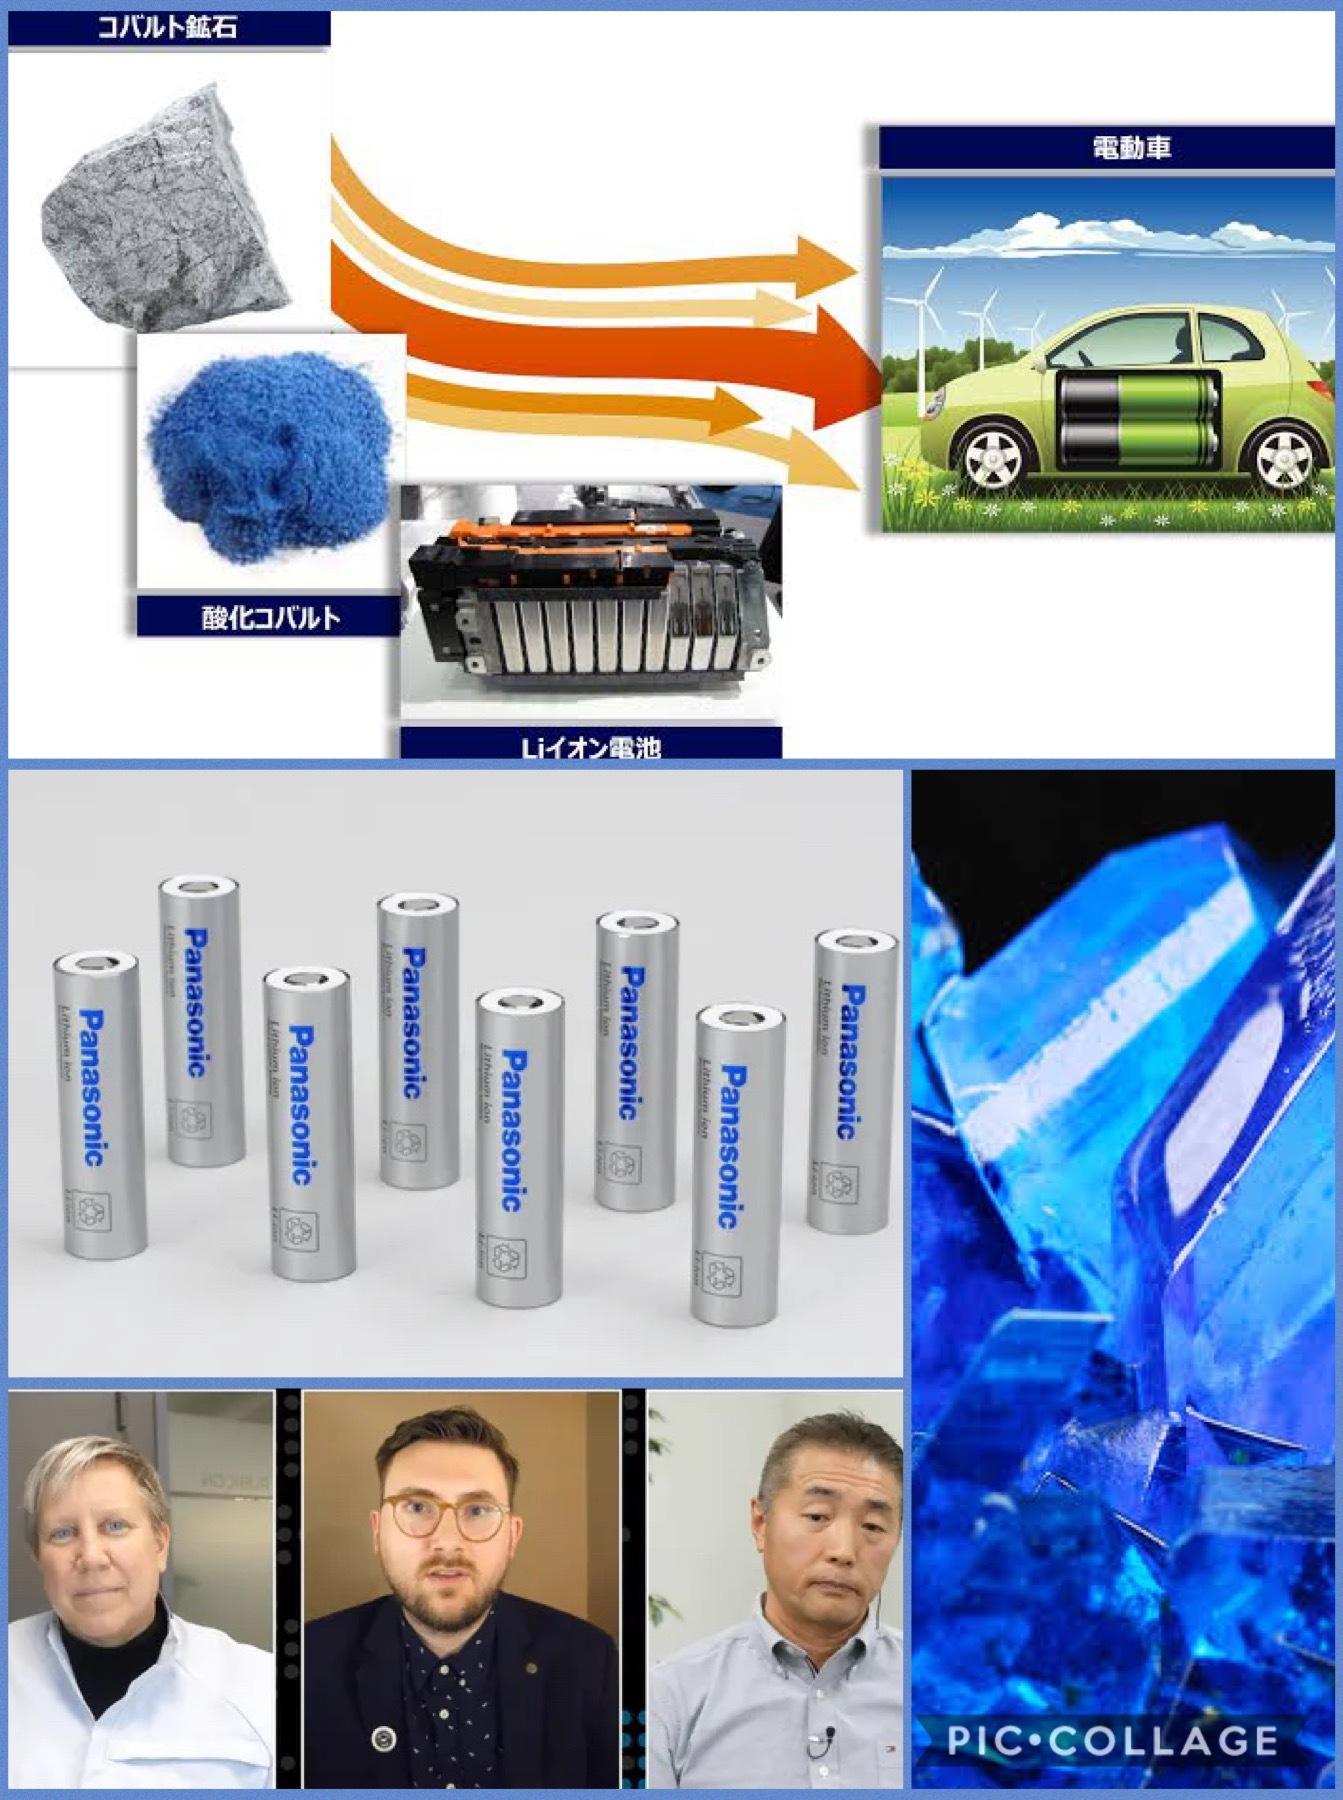 コバルトフリー リチウムイオン電池 パナソニック